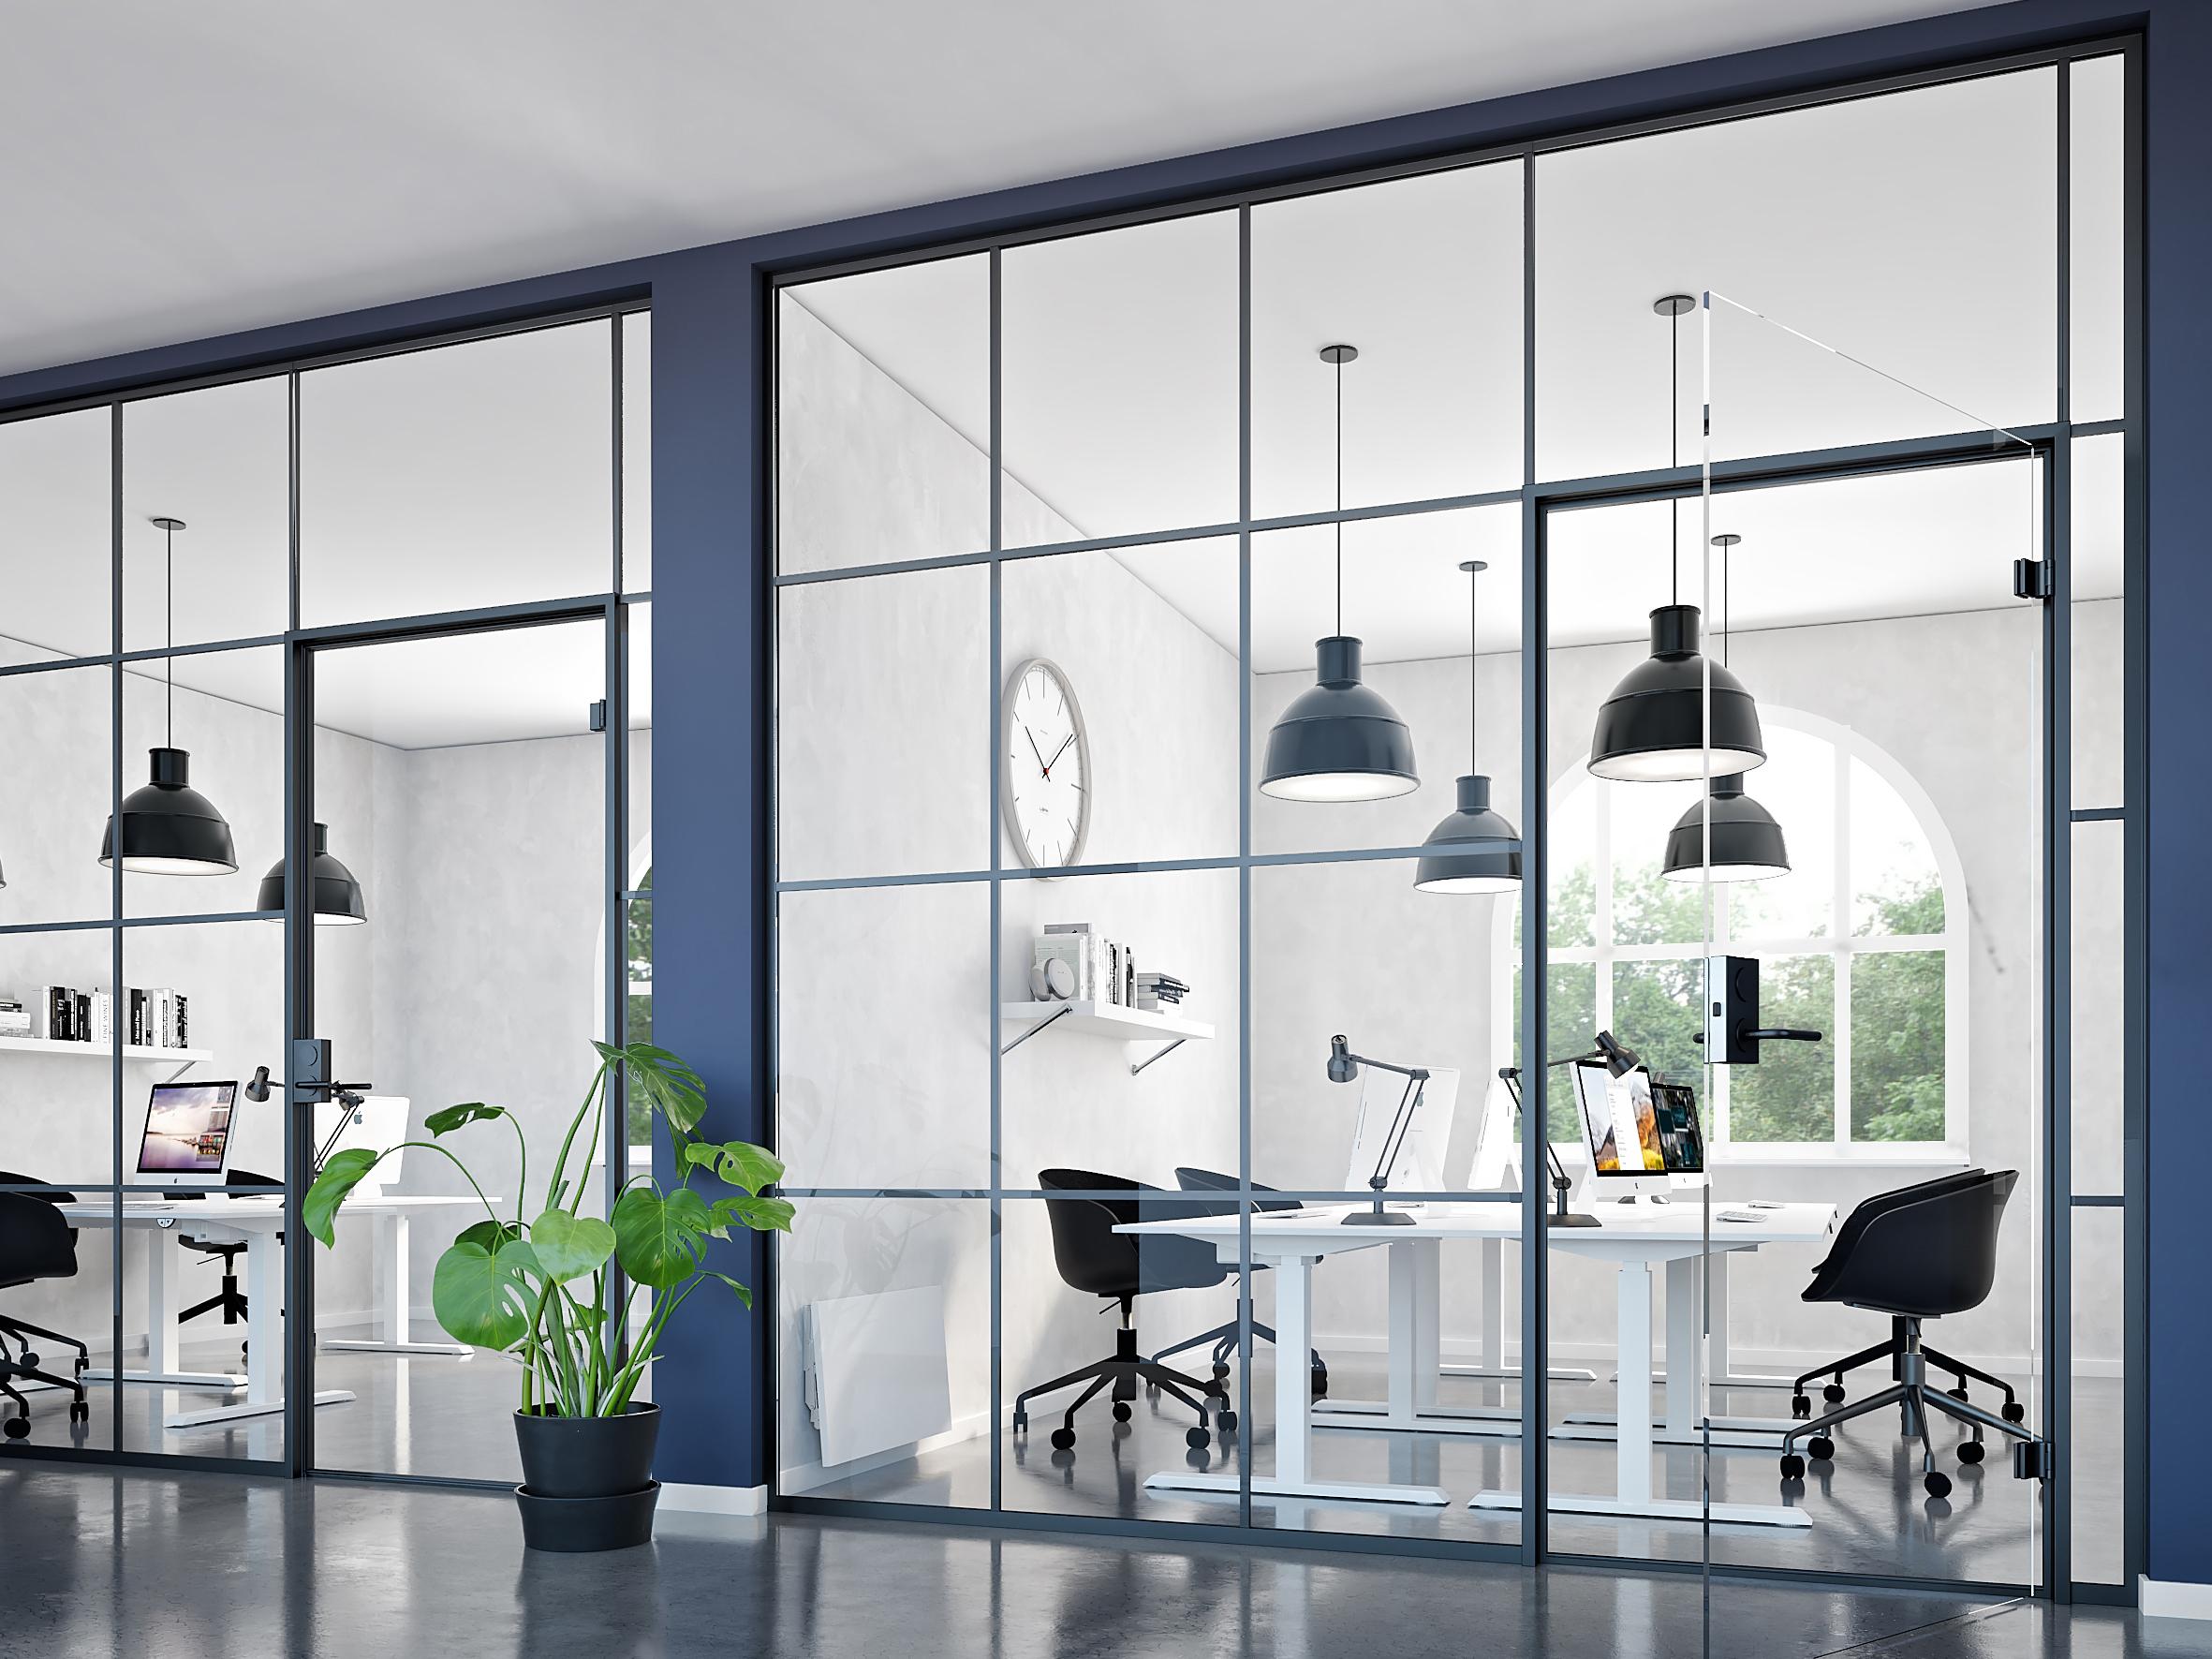 Decibel rum i rummet - ljudreducerande kvalitetsbeslag för glasväggar